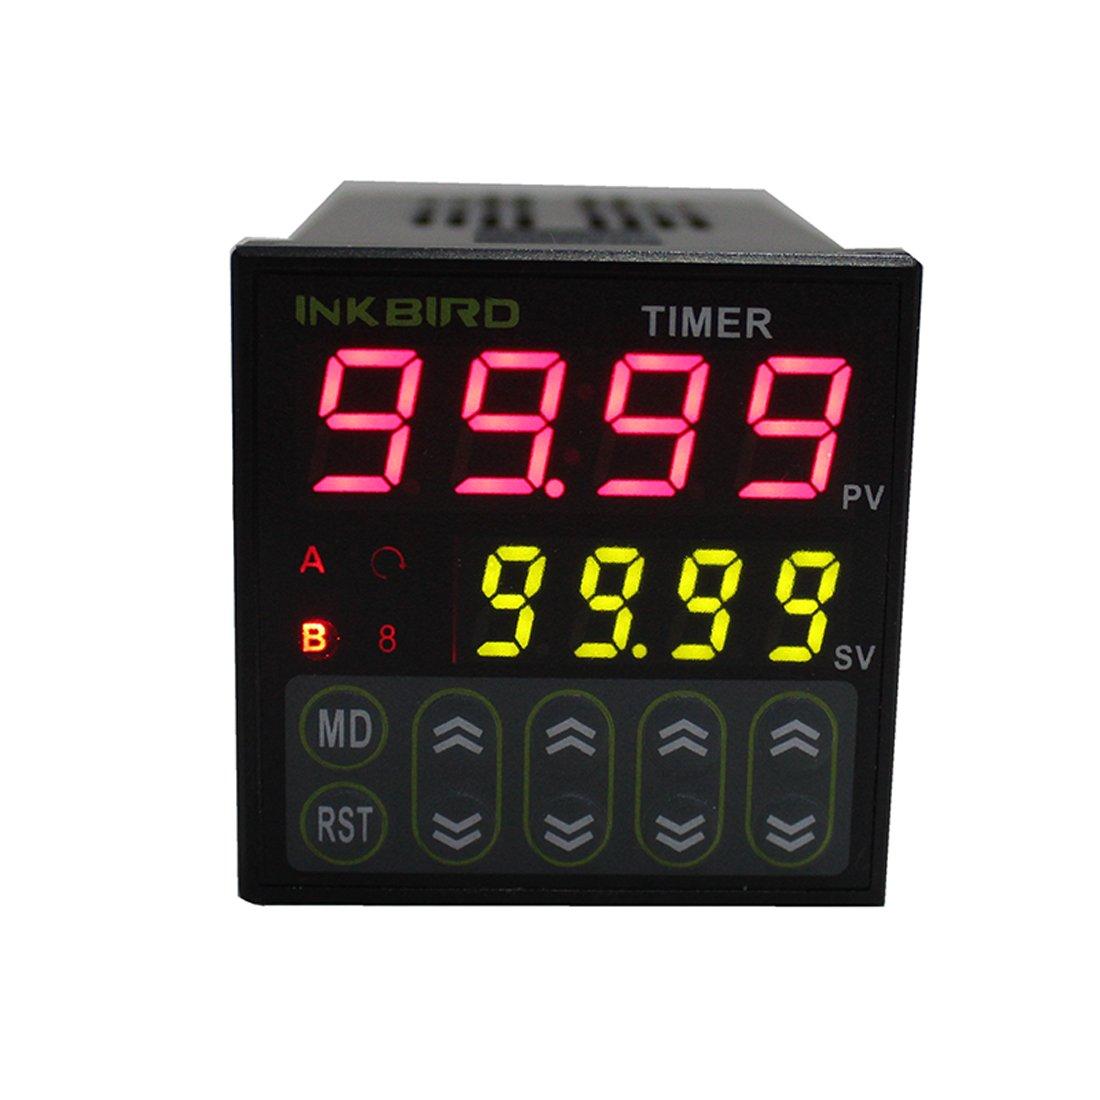 Inkbird Doble Rele 220v PID Termostato Digital ITC-100VH, Calentando y Enfriando Temperatura Control